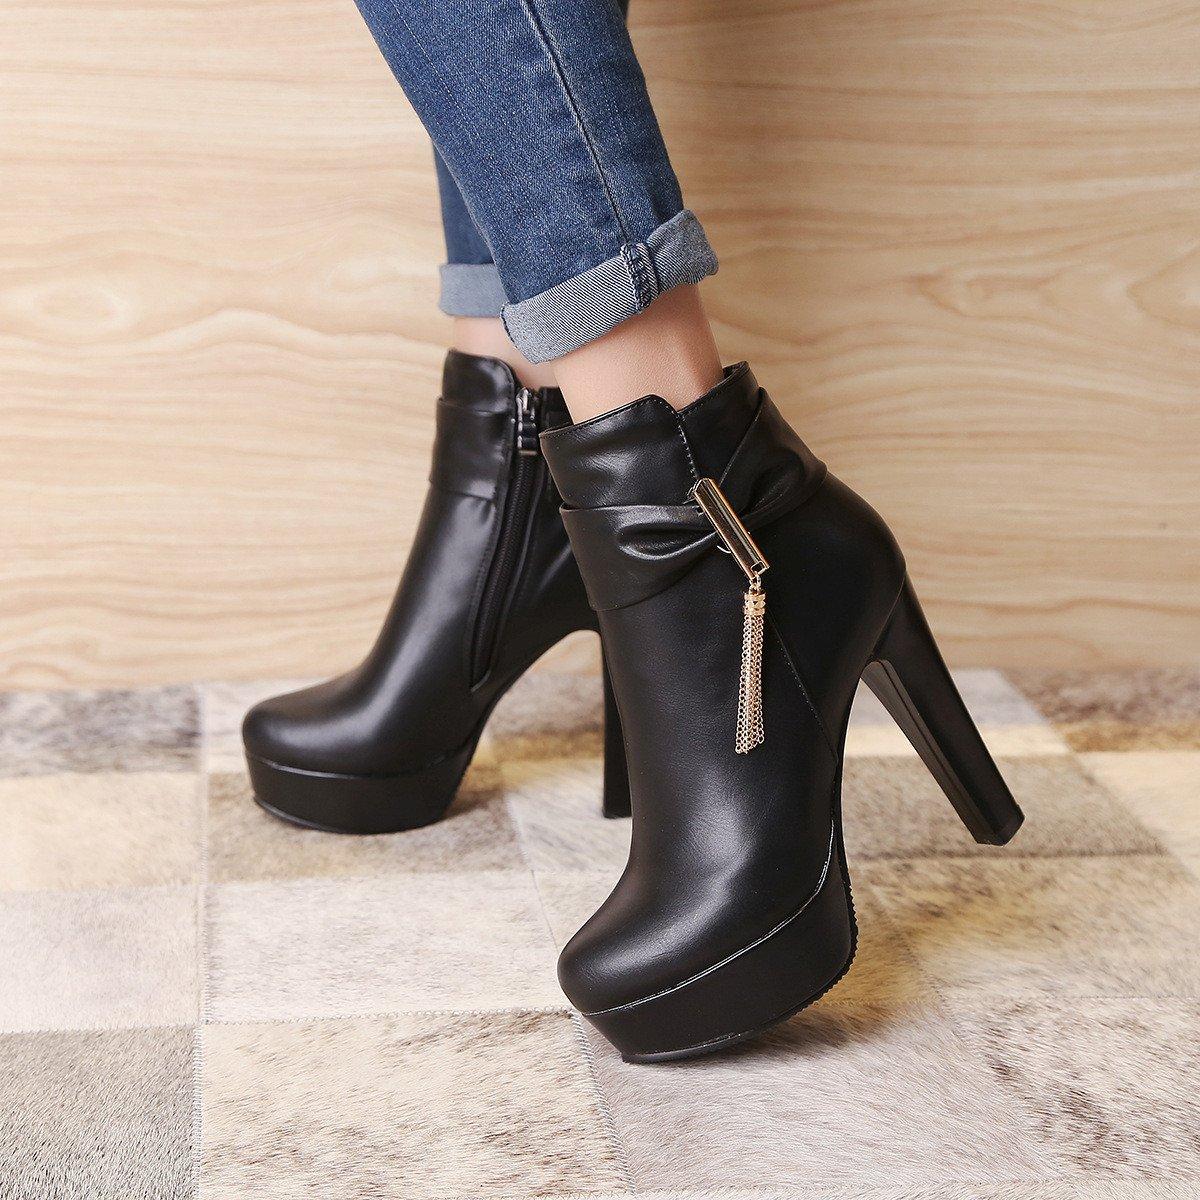 ZQ@QX Herbst und Winter und runden Kopf bold und Winter stilvolle Seite reißverschluss Stiefel Schuhe mit hohen Absätzen, Stiefel weibliche Stiefel  schwarz 85ec3e